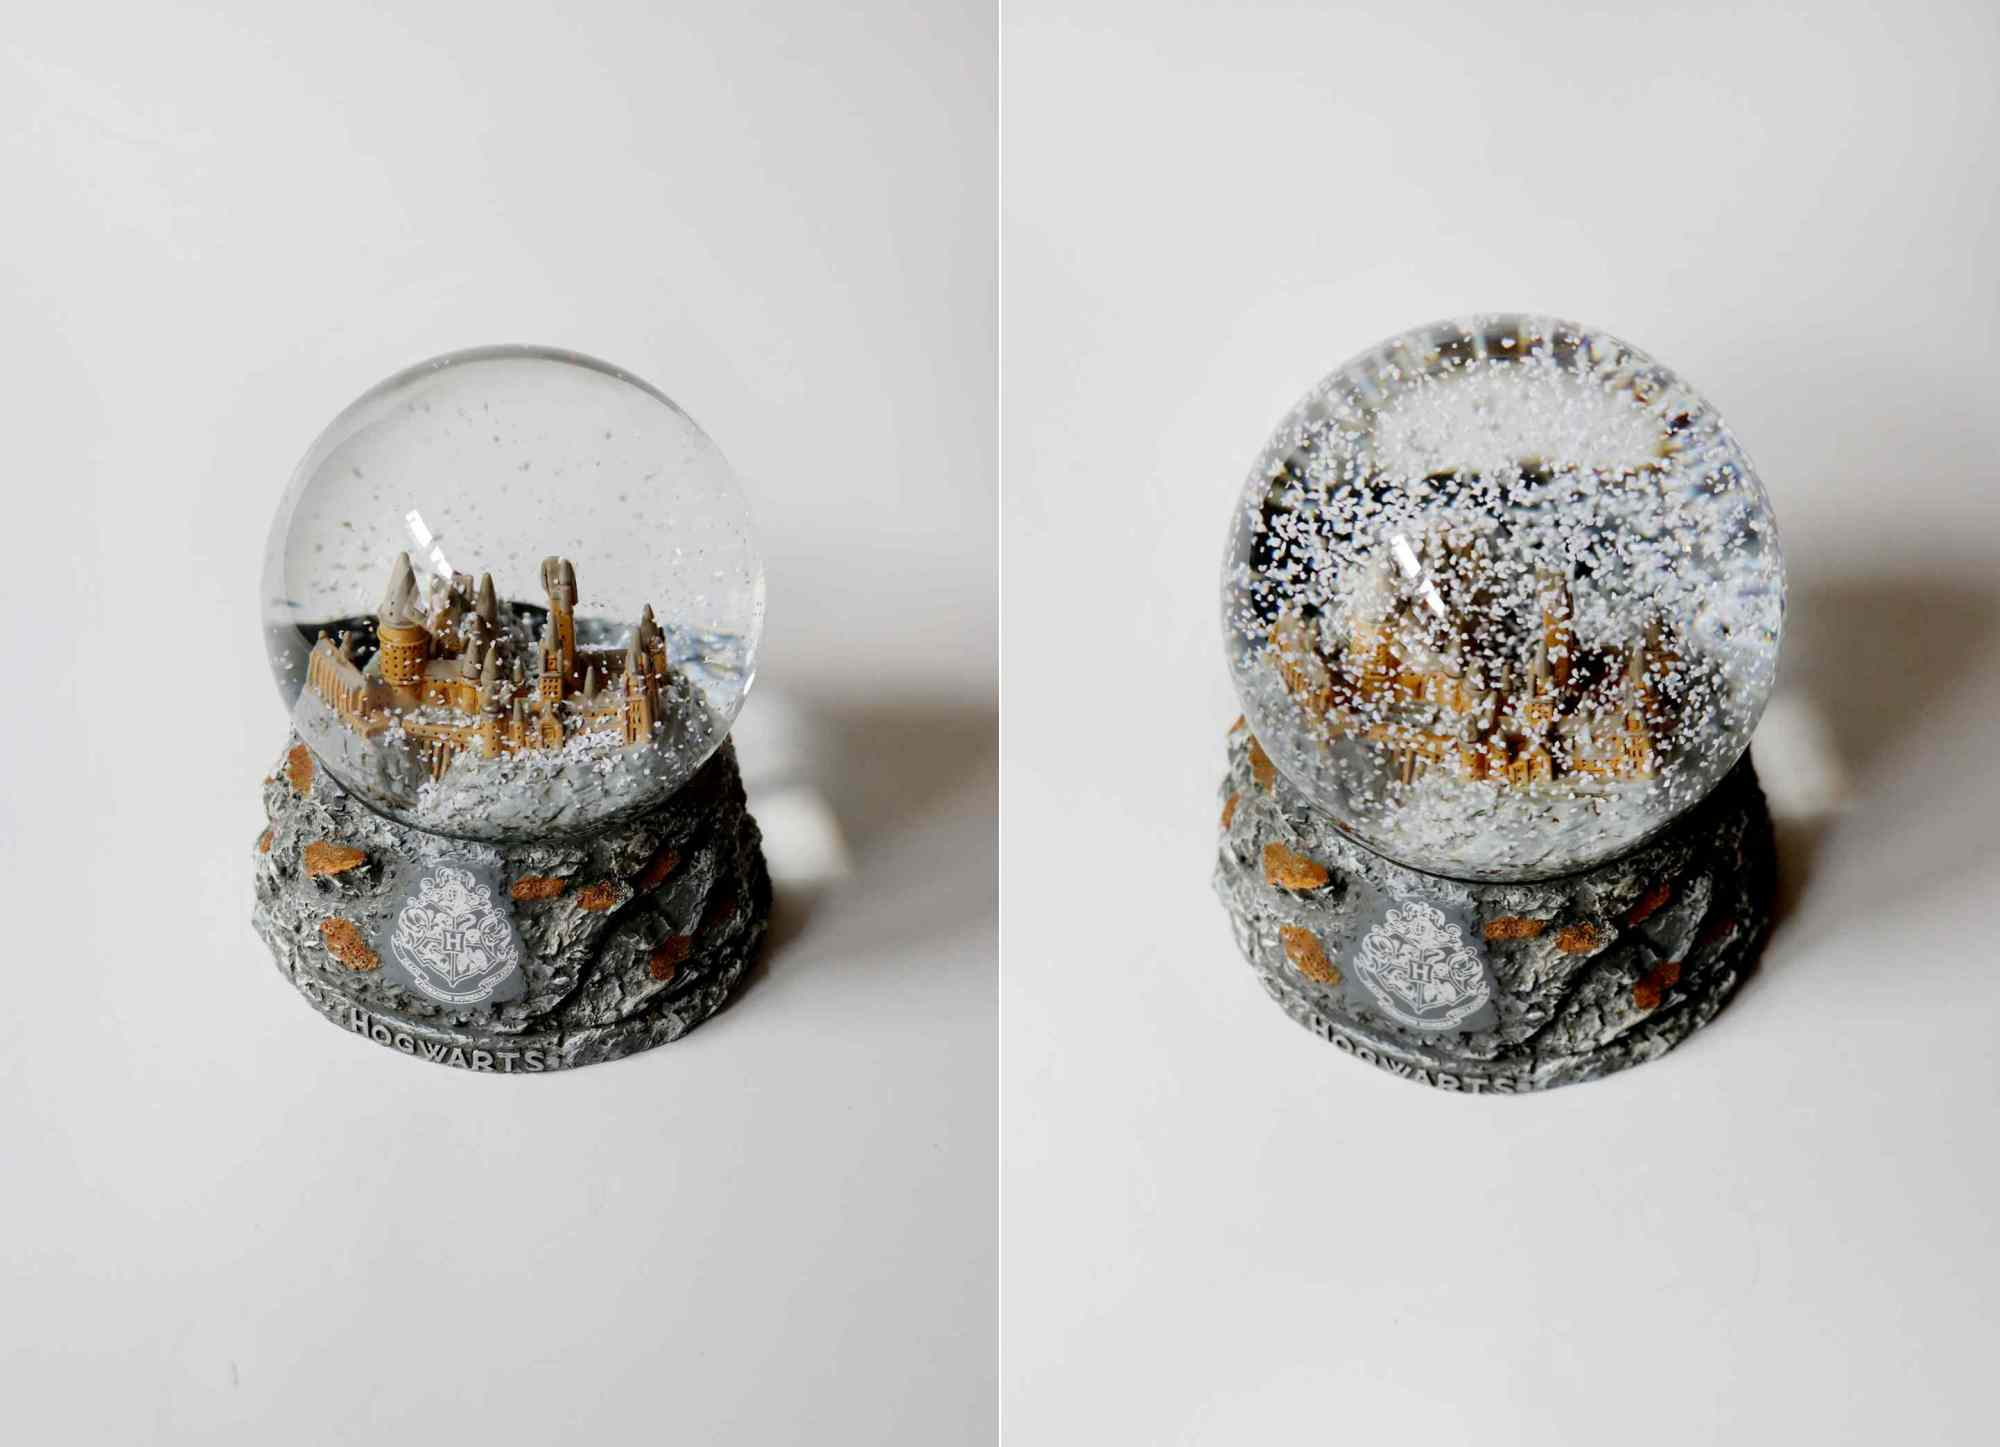 Голямо кристално снежно кълбо HARRY POTTER с Хогуортс, 94.90лв.